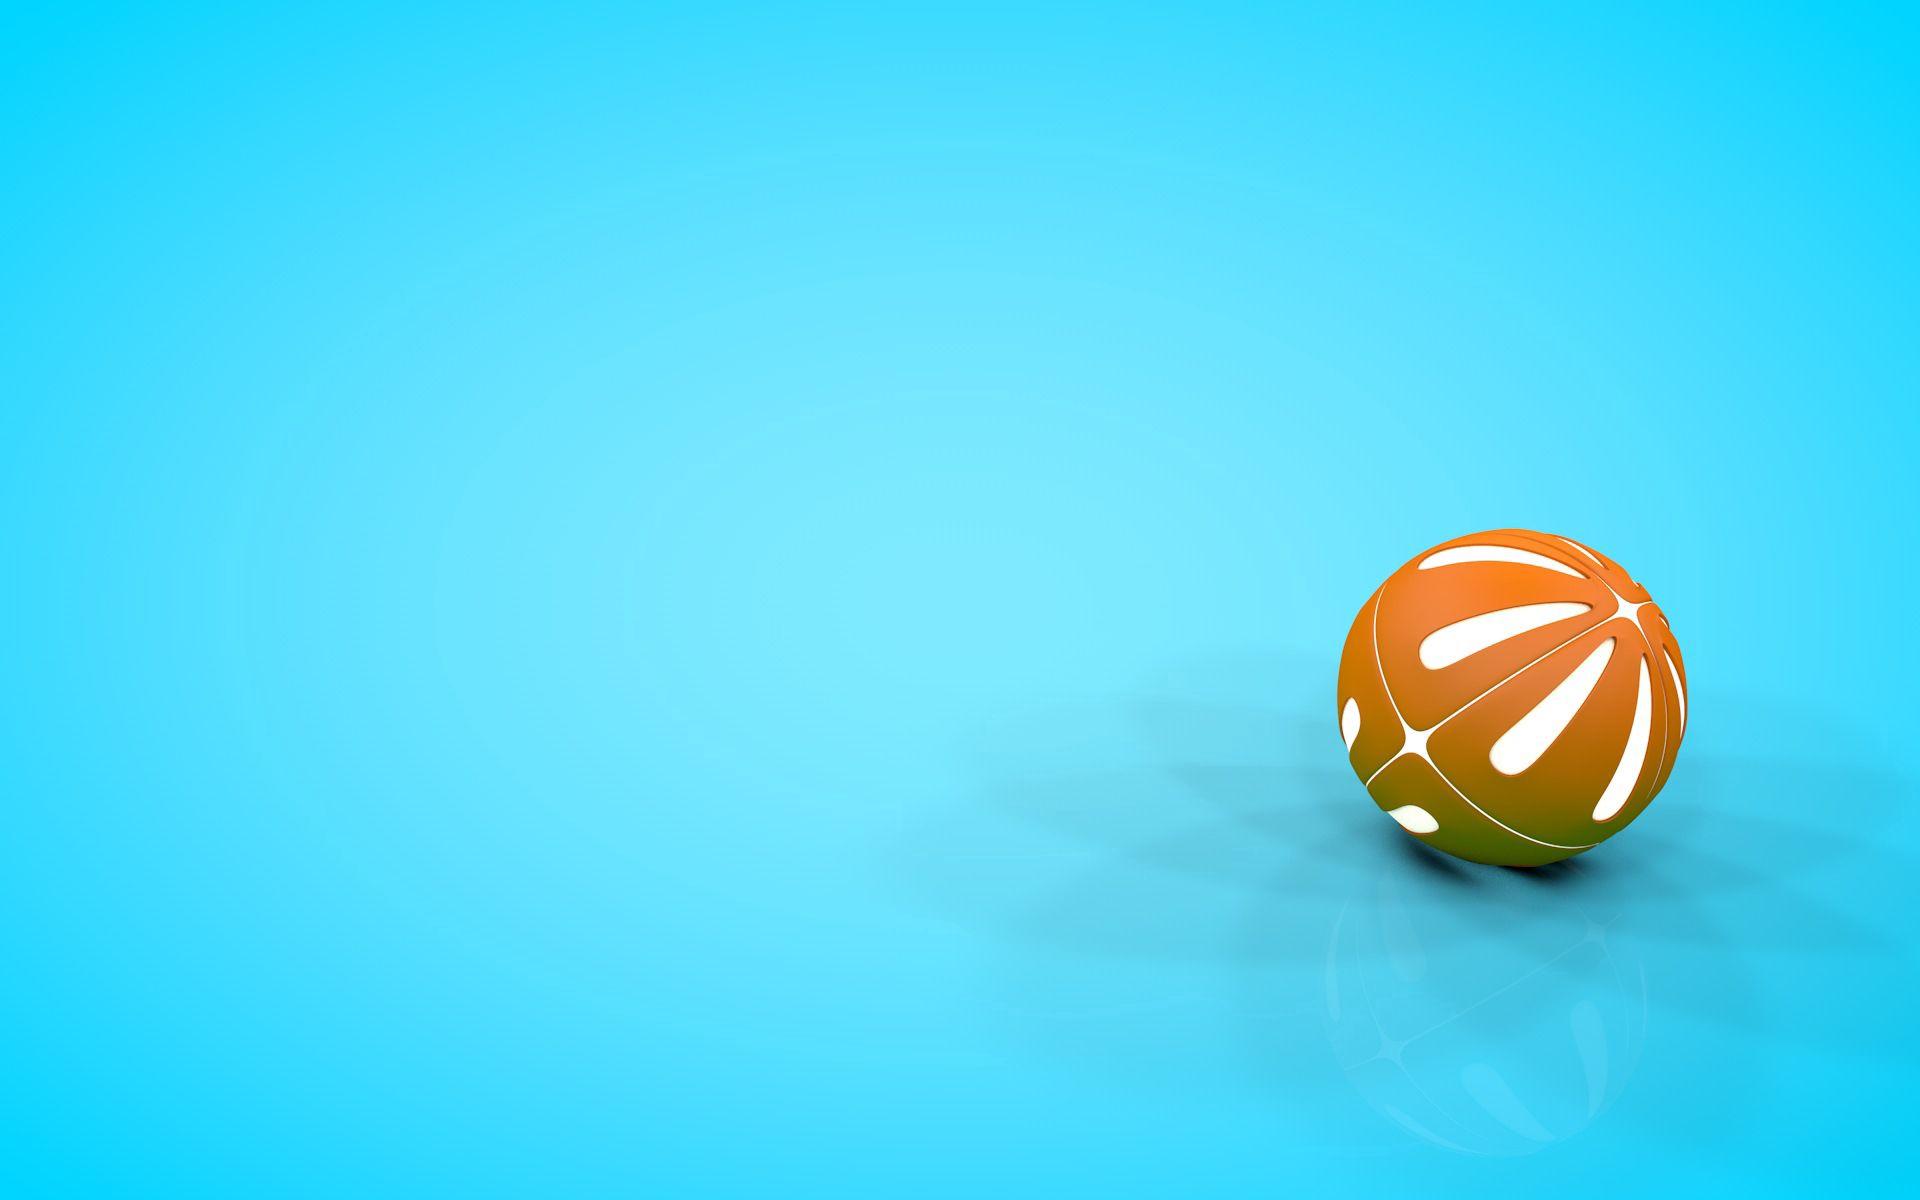 104007 économiseurs d'écran et fonds d'écran 3D sur votre téléphone. Téléchargez 3D, La Forme, Forme, Ballon, Balle images gratuitement